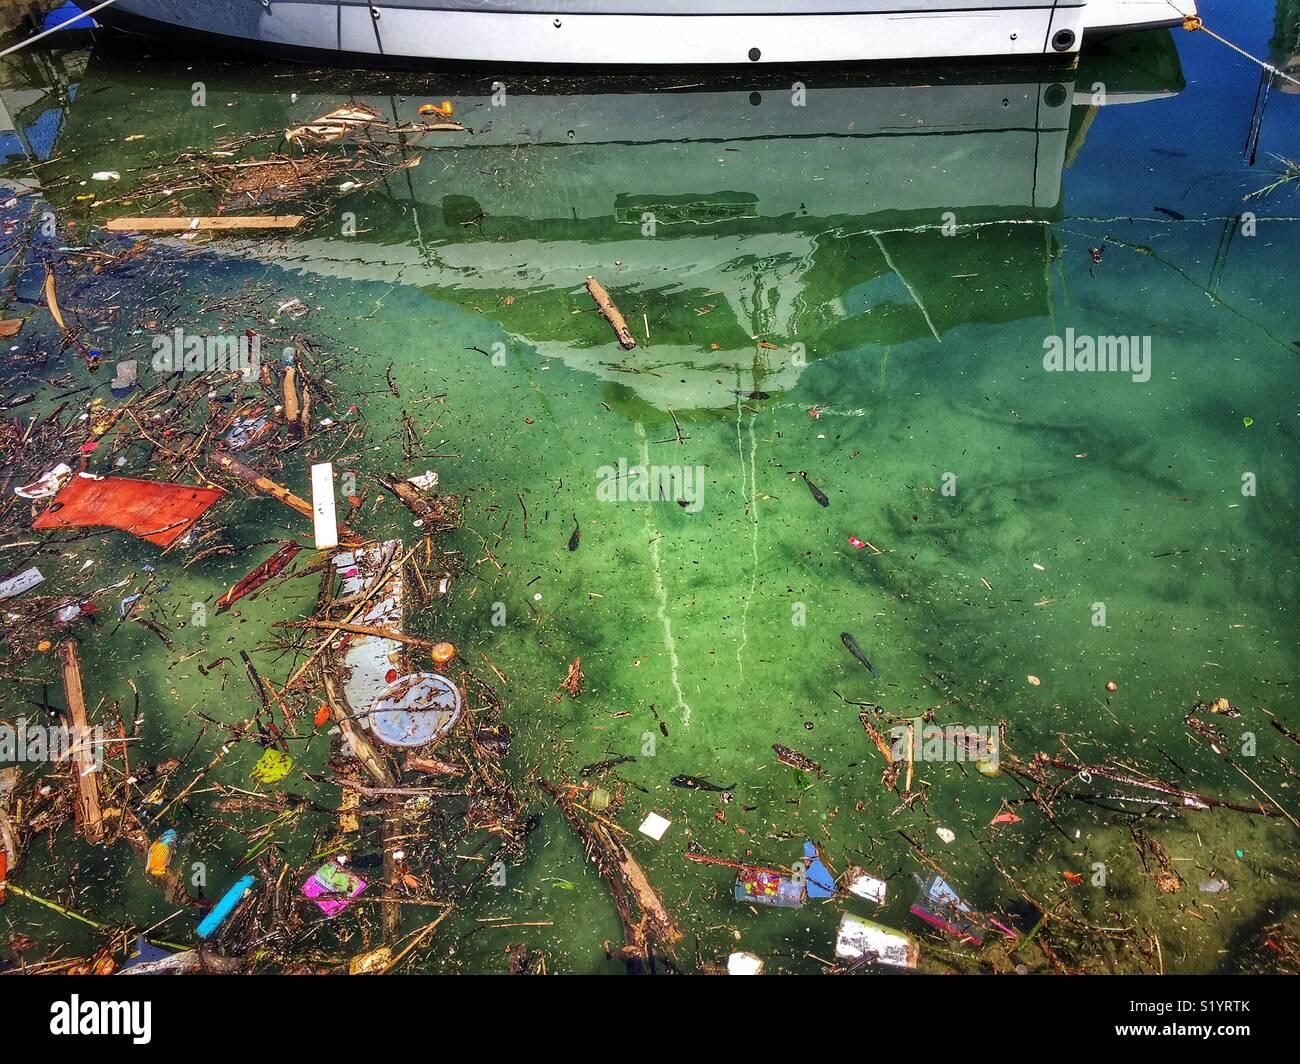 Water pollution in Waikiki boat basin - Stock Image